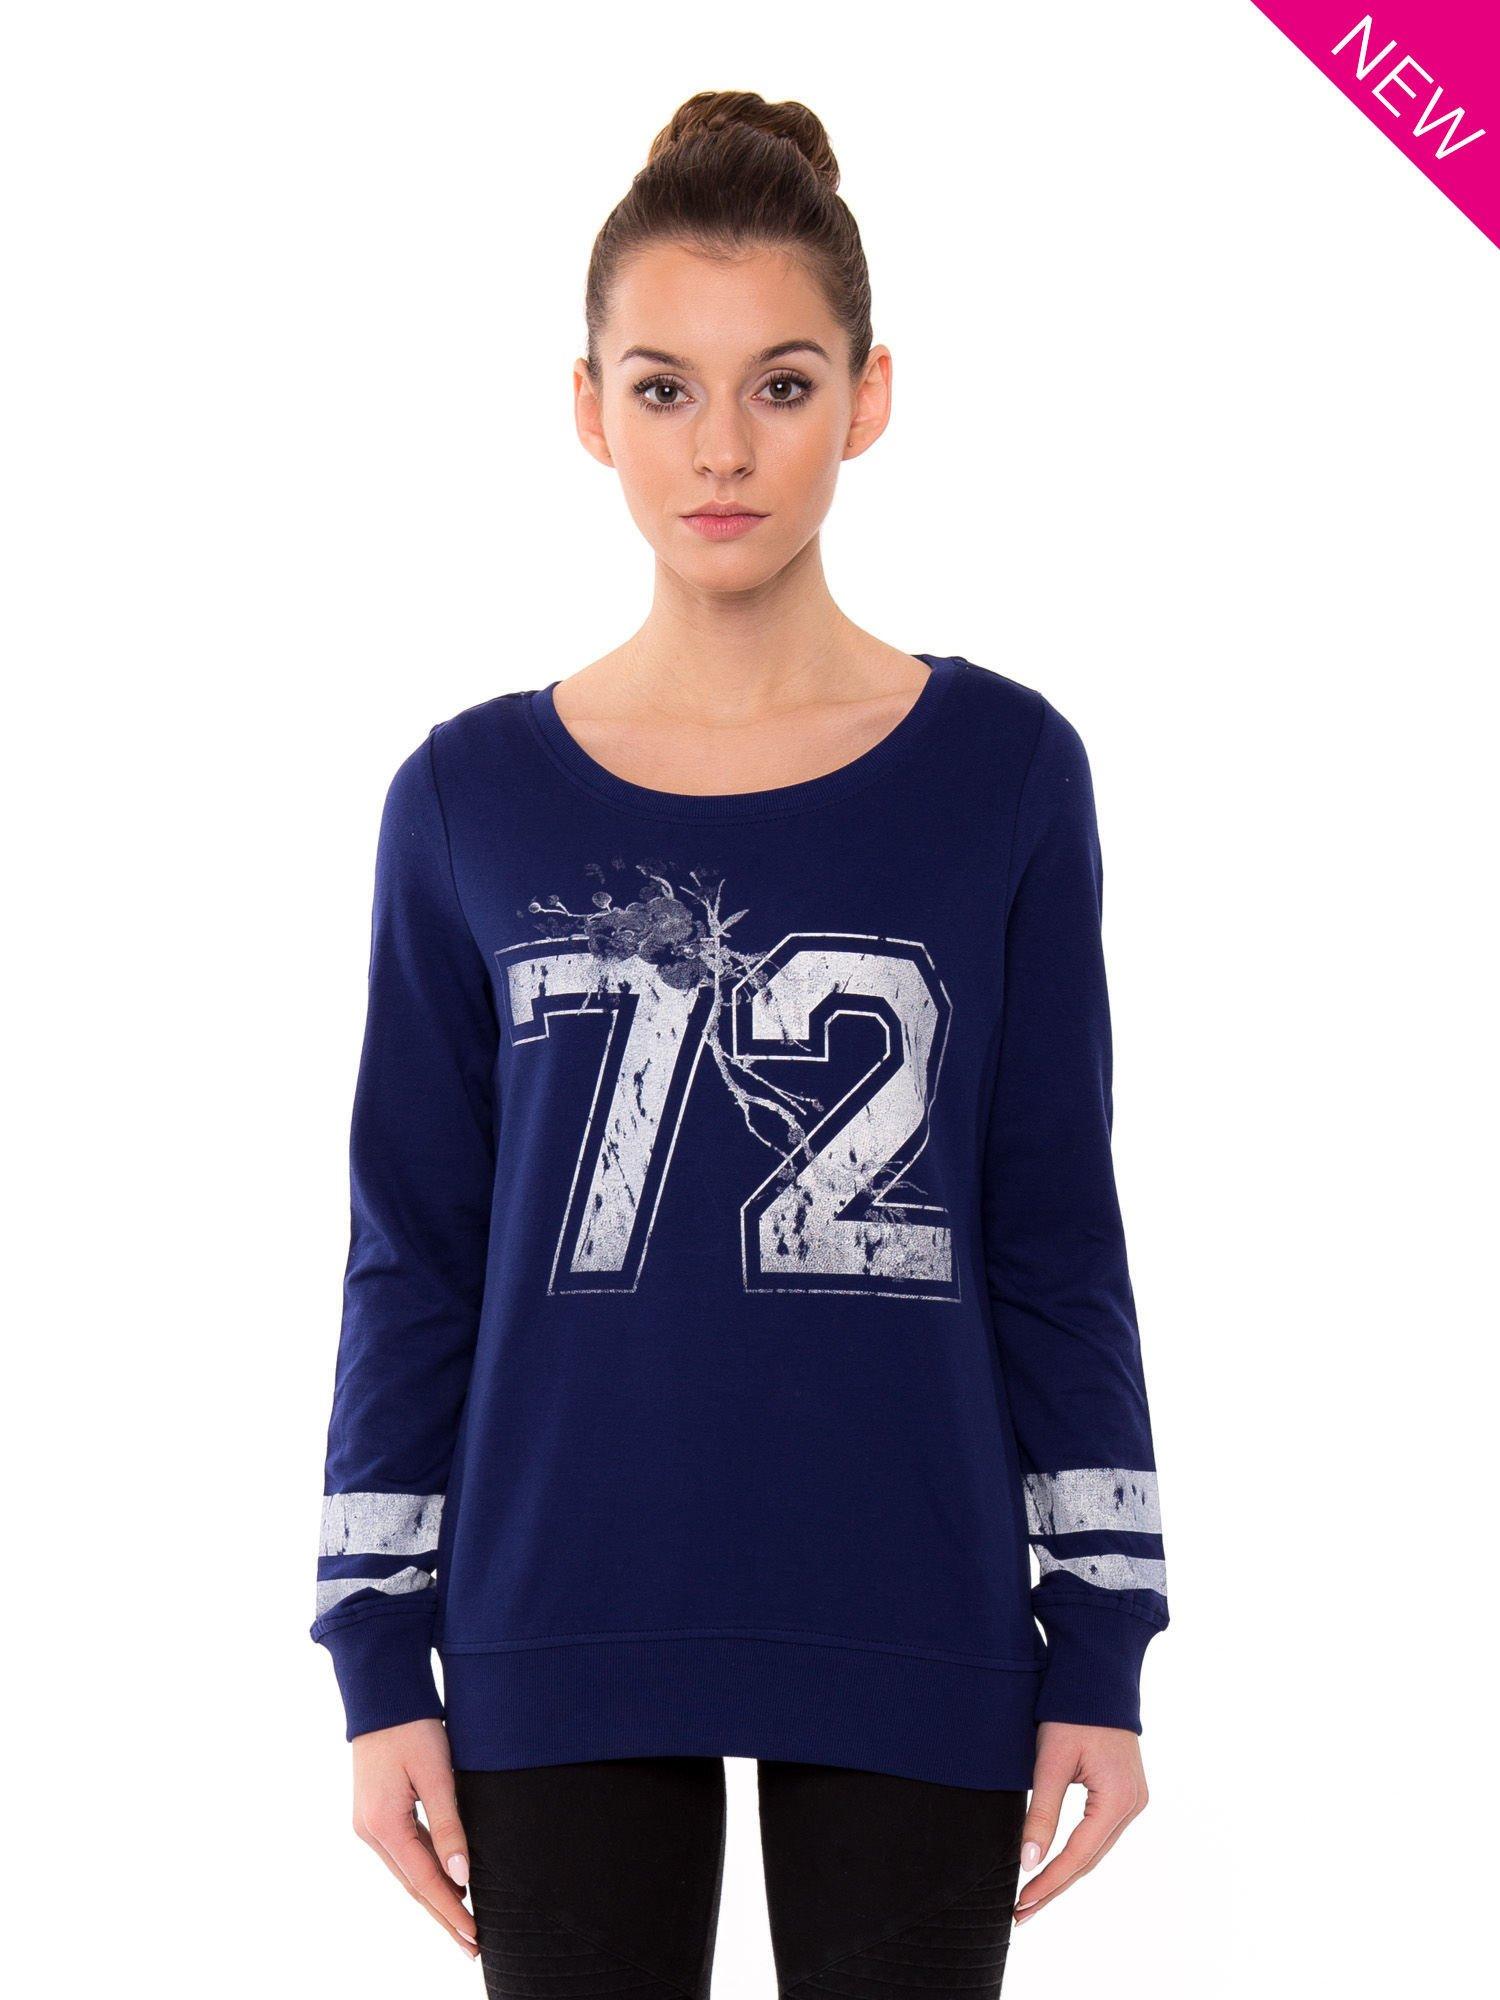 Ciemnoniebieska bluza z numerem w stylu collage                                  zdj.                                  1